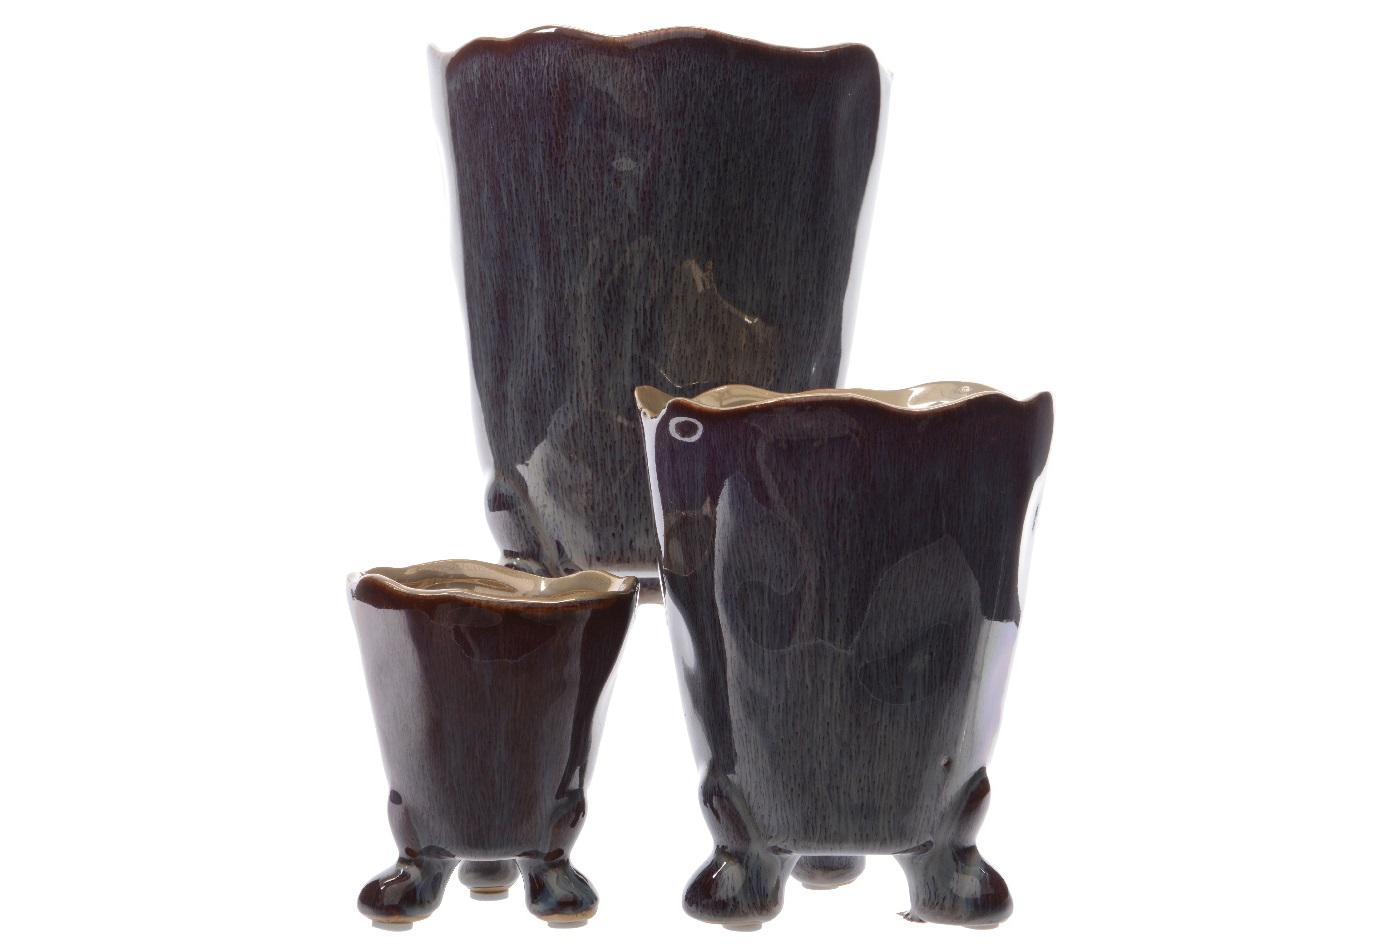 Сет вазонов на ножках (3шт)Кашпо<br>Размеры: 17х13,5х13,5, 15х11х11, 12х9х9<br><br>Material: Керамика<br>Width см: 13.5<br>Depth см: 17<br>Height см: 13.5